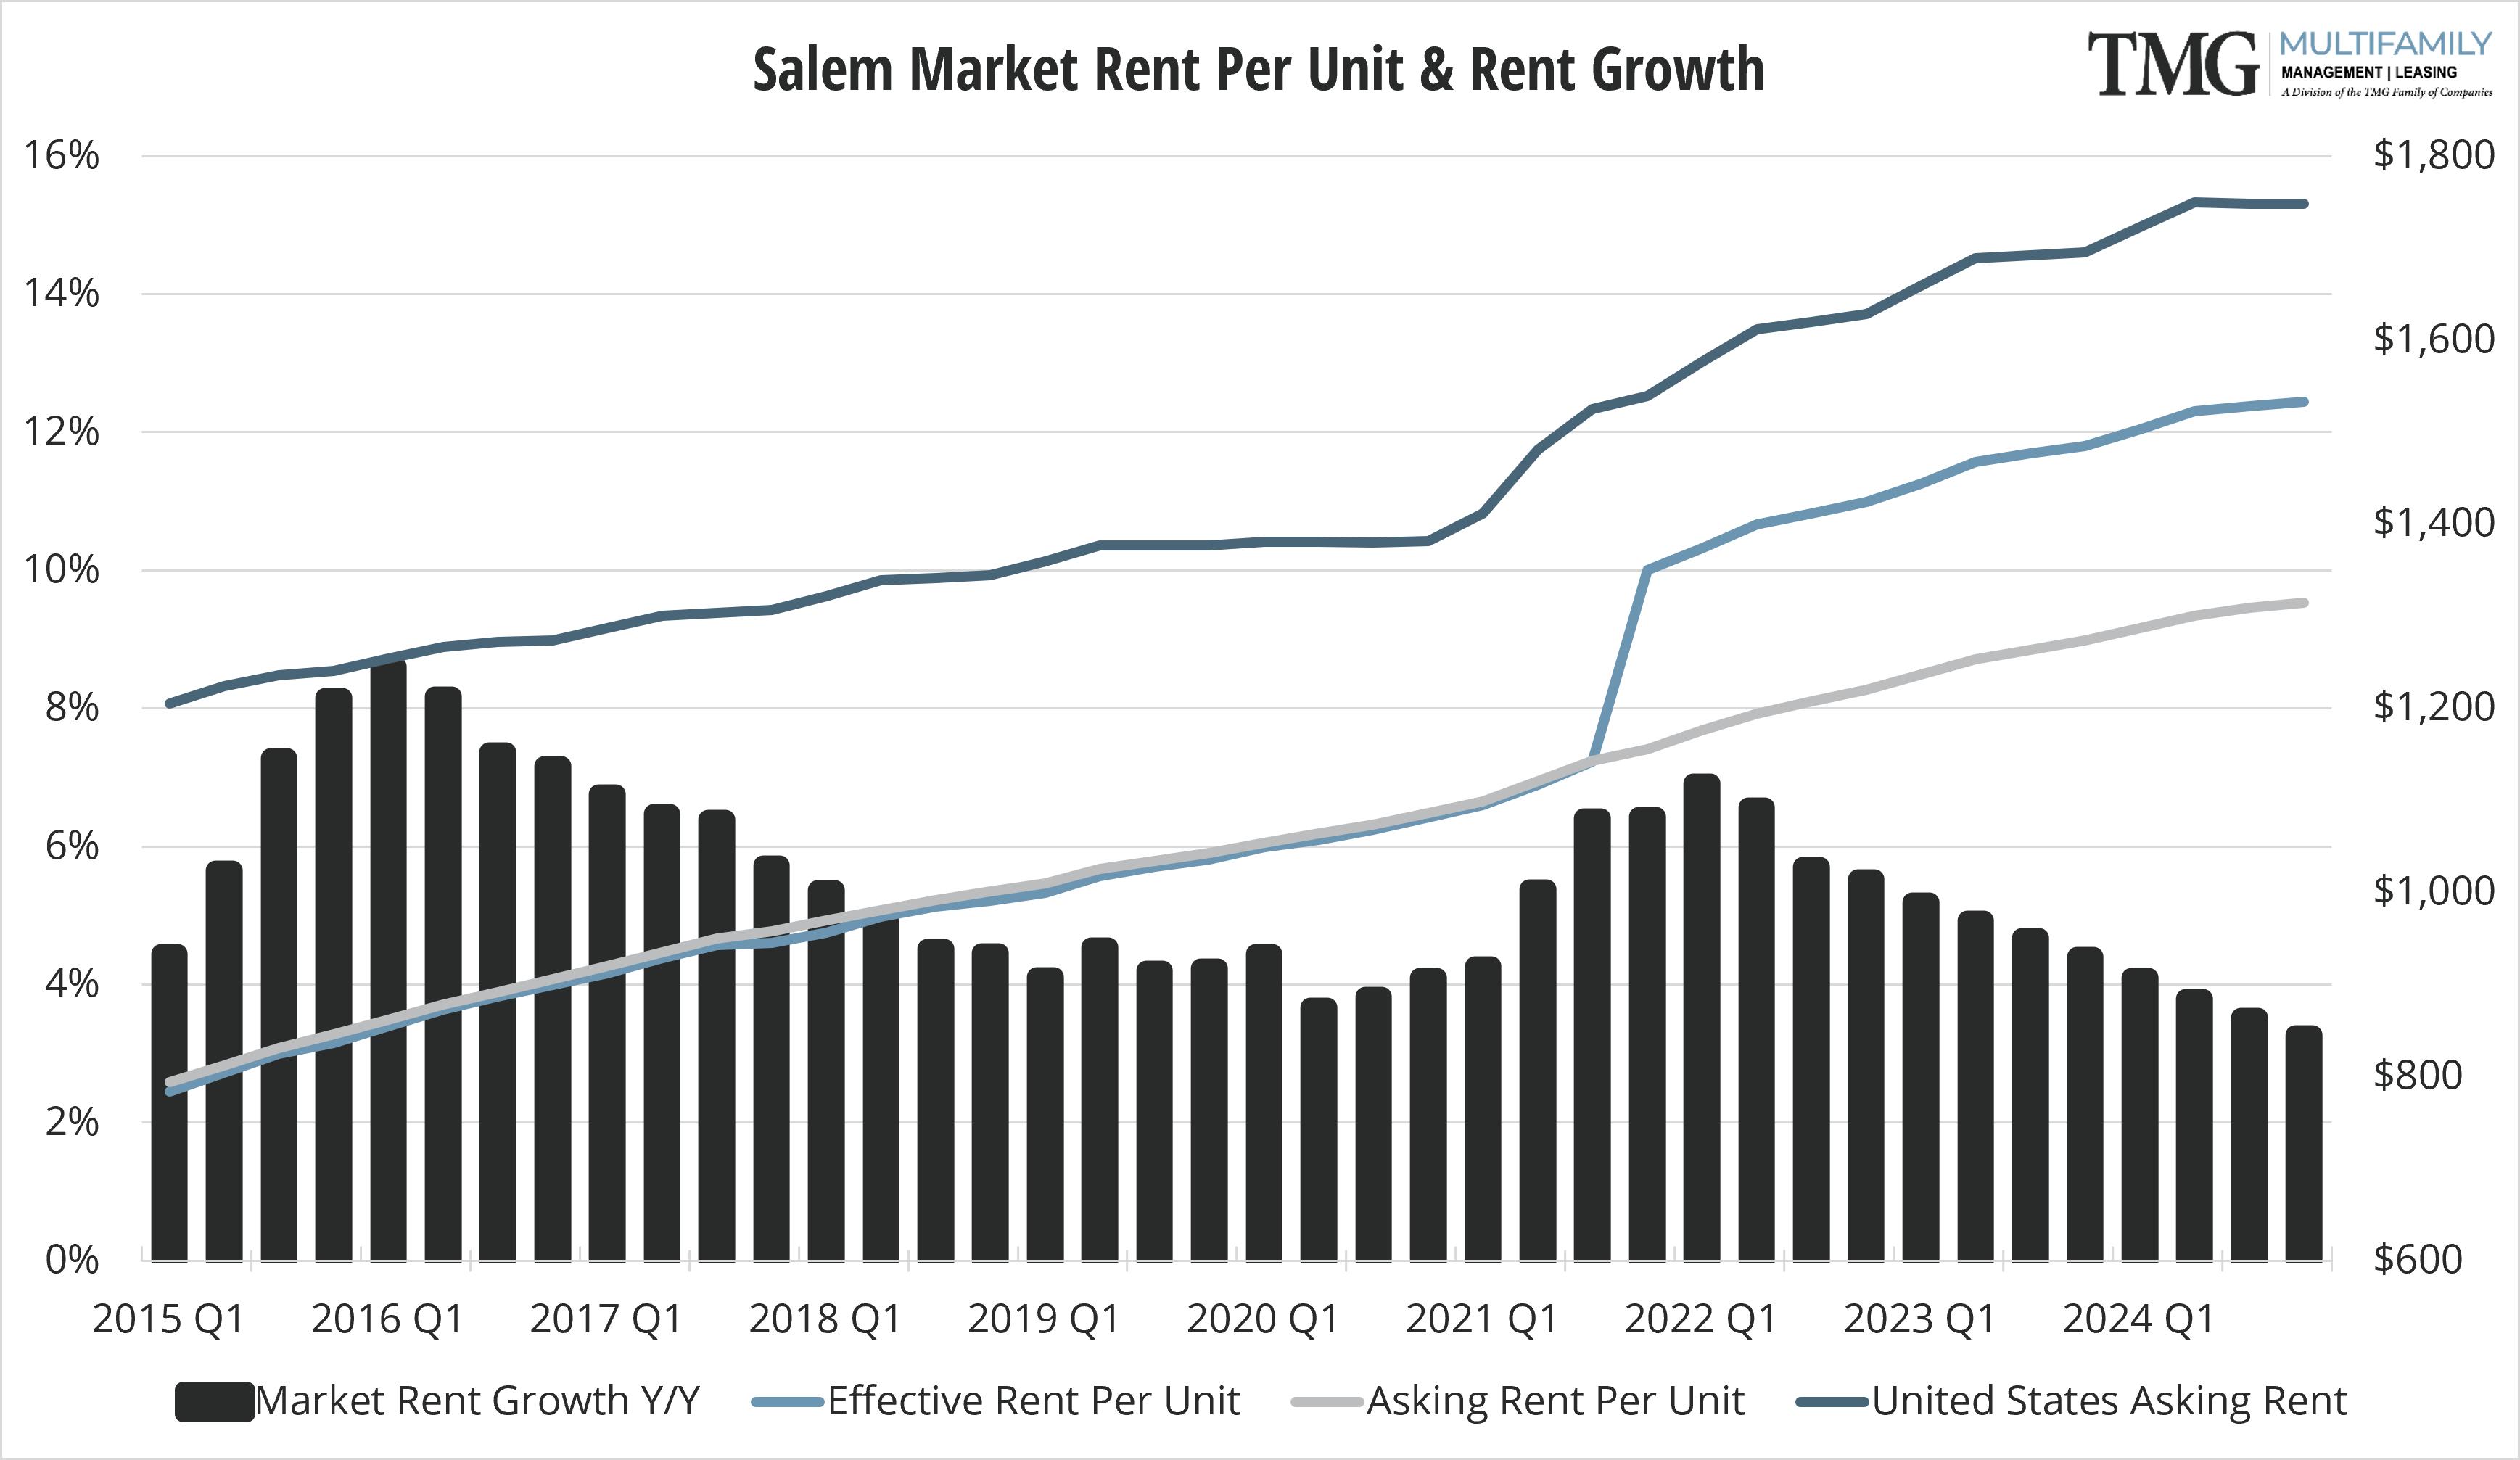 Salem Q4 Market Rent Per Unit and Rent Growth